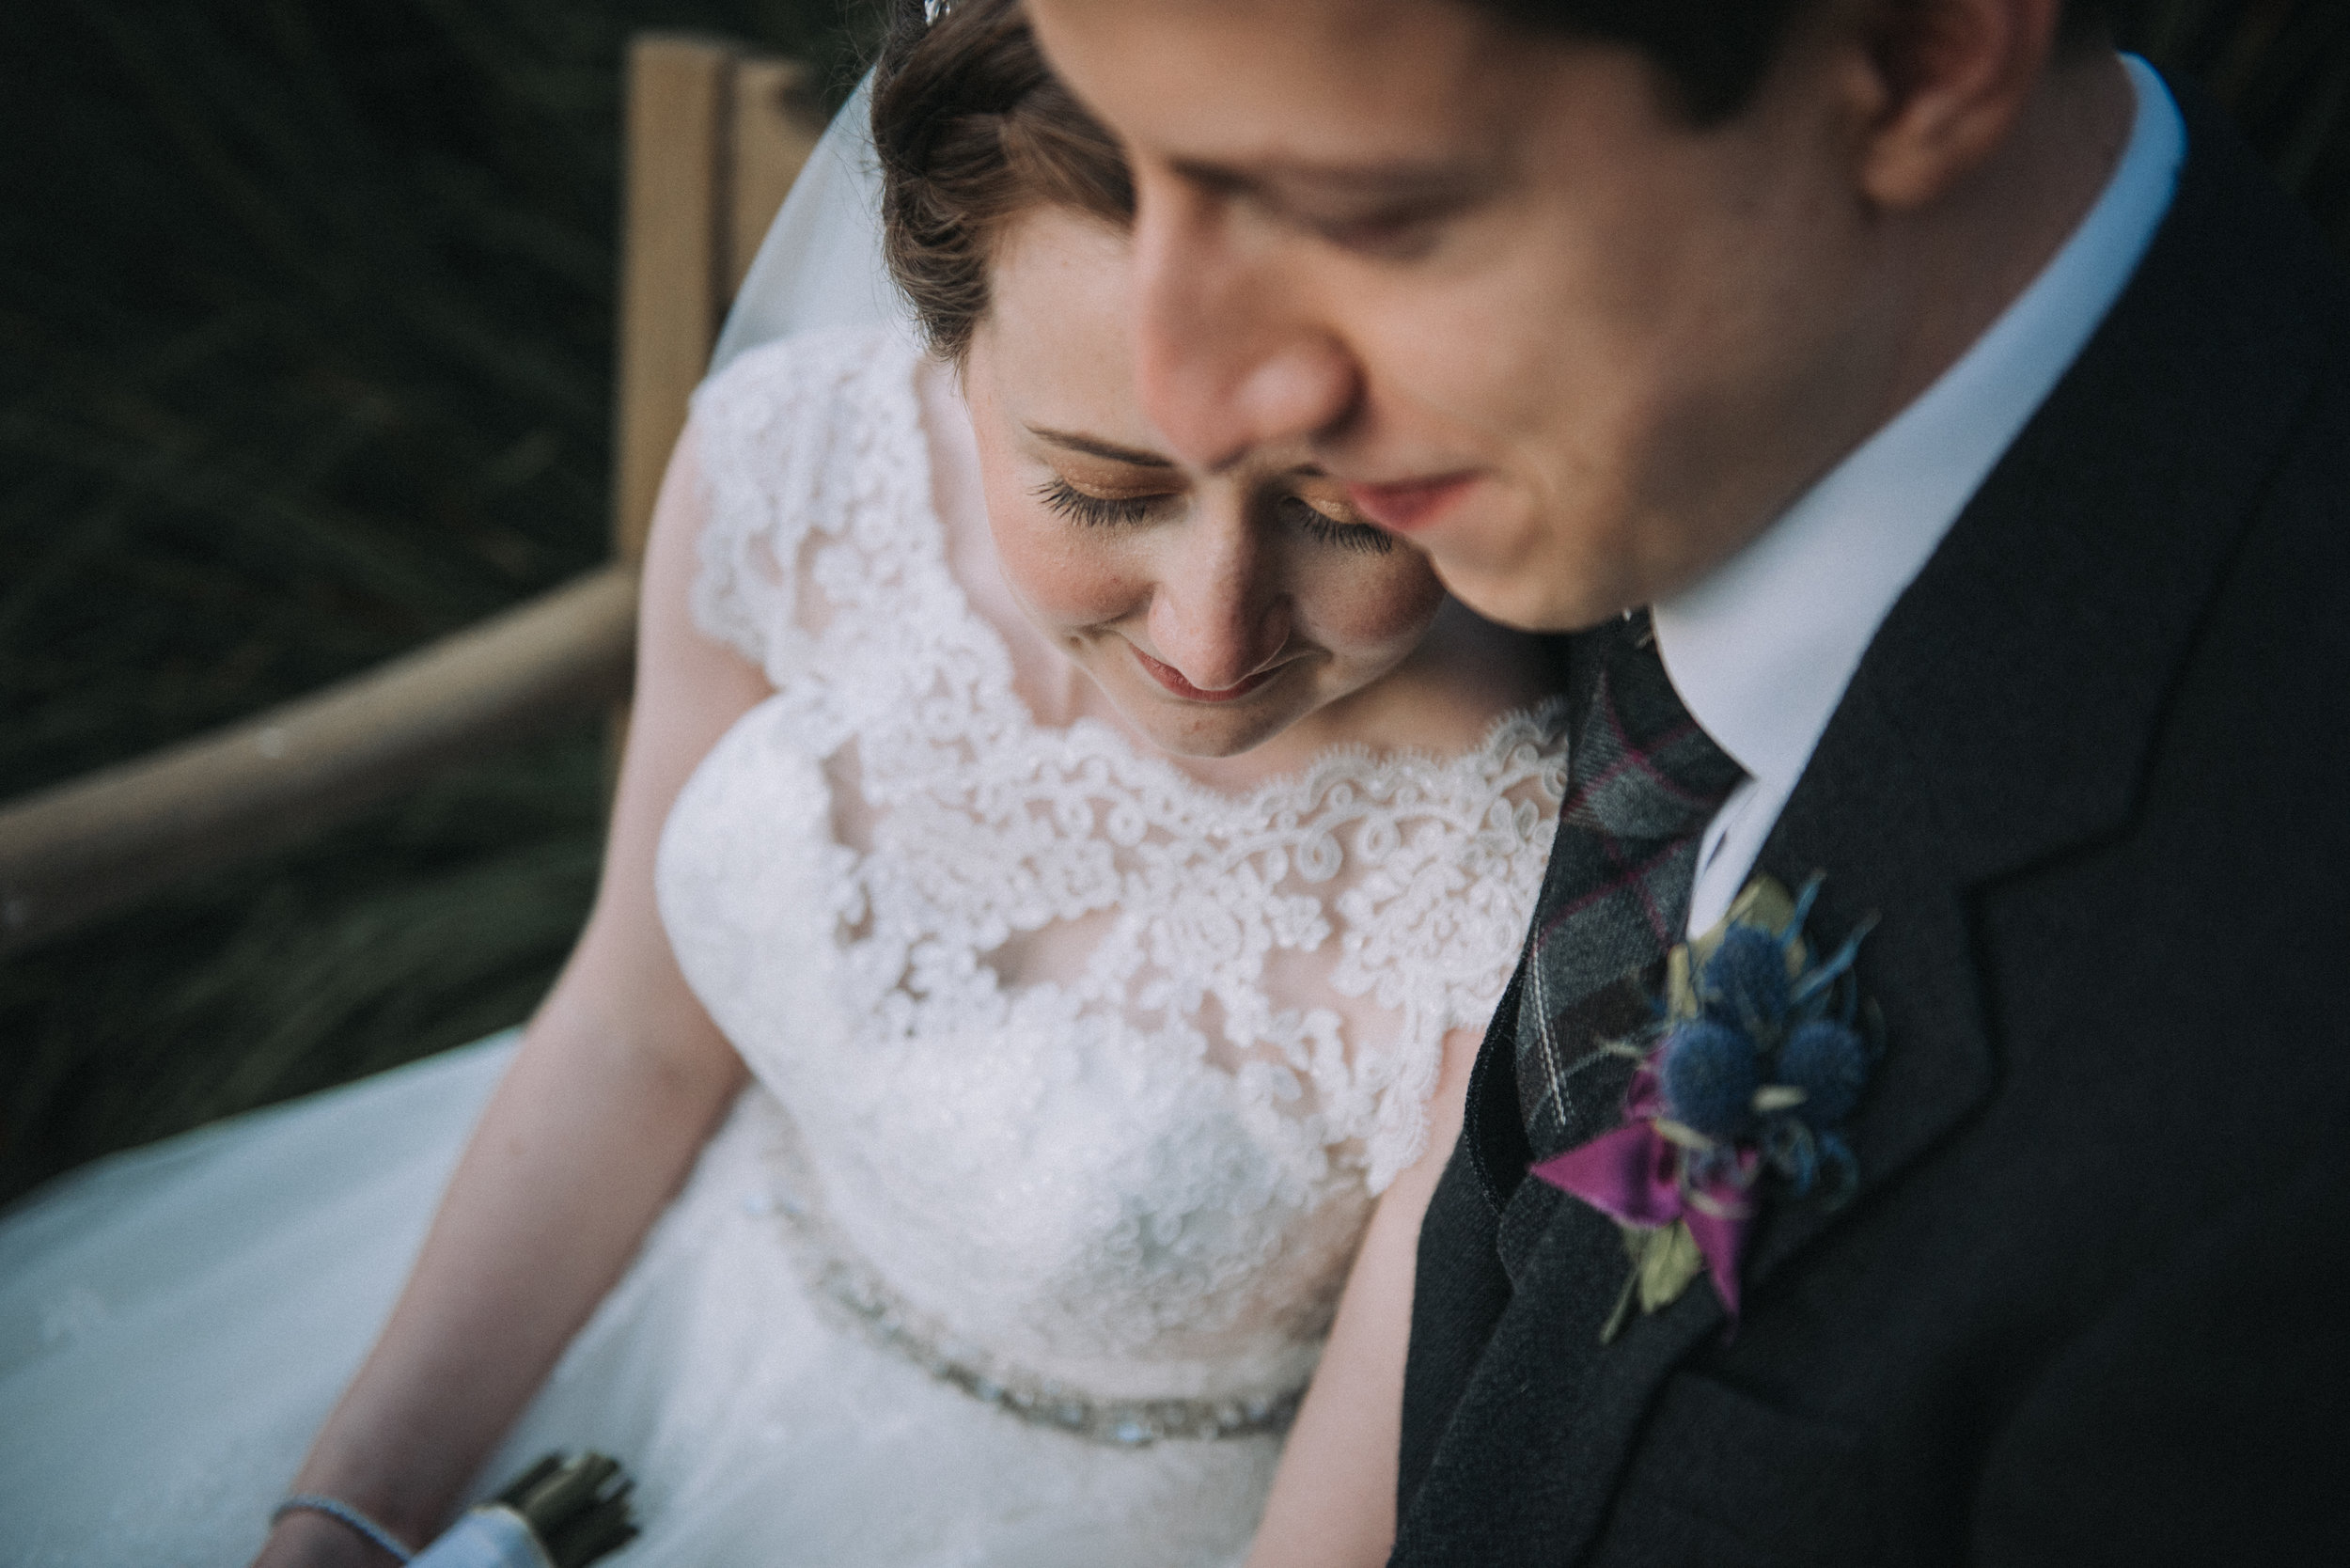 Stephen & Sarah